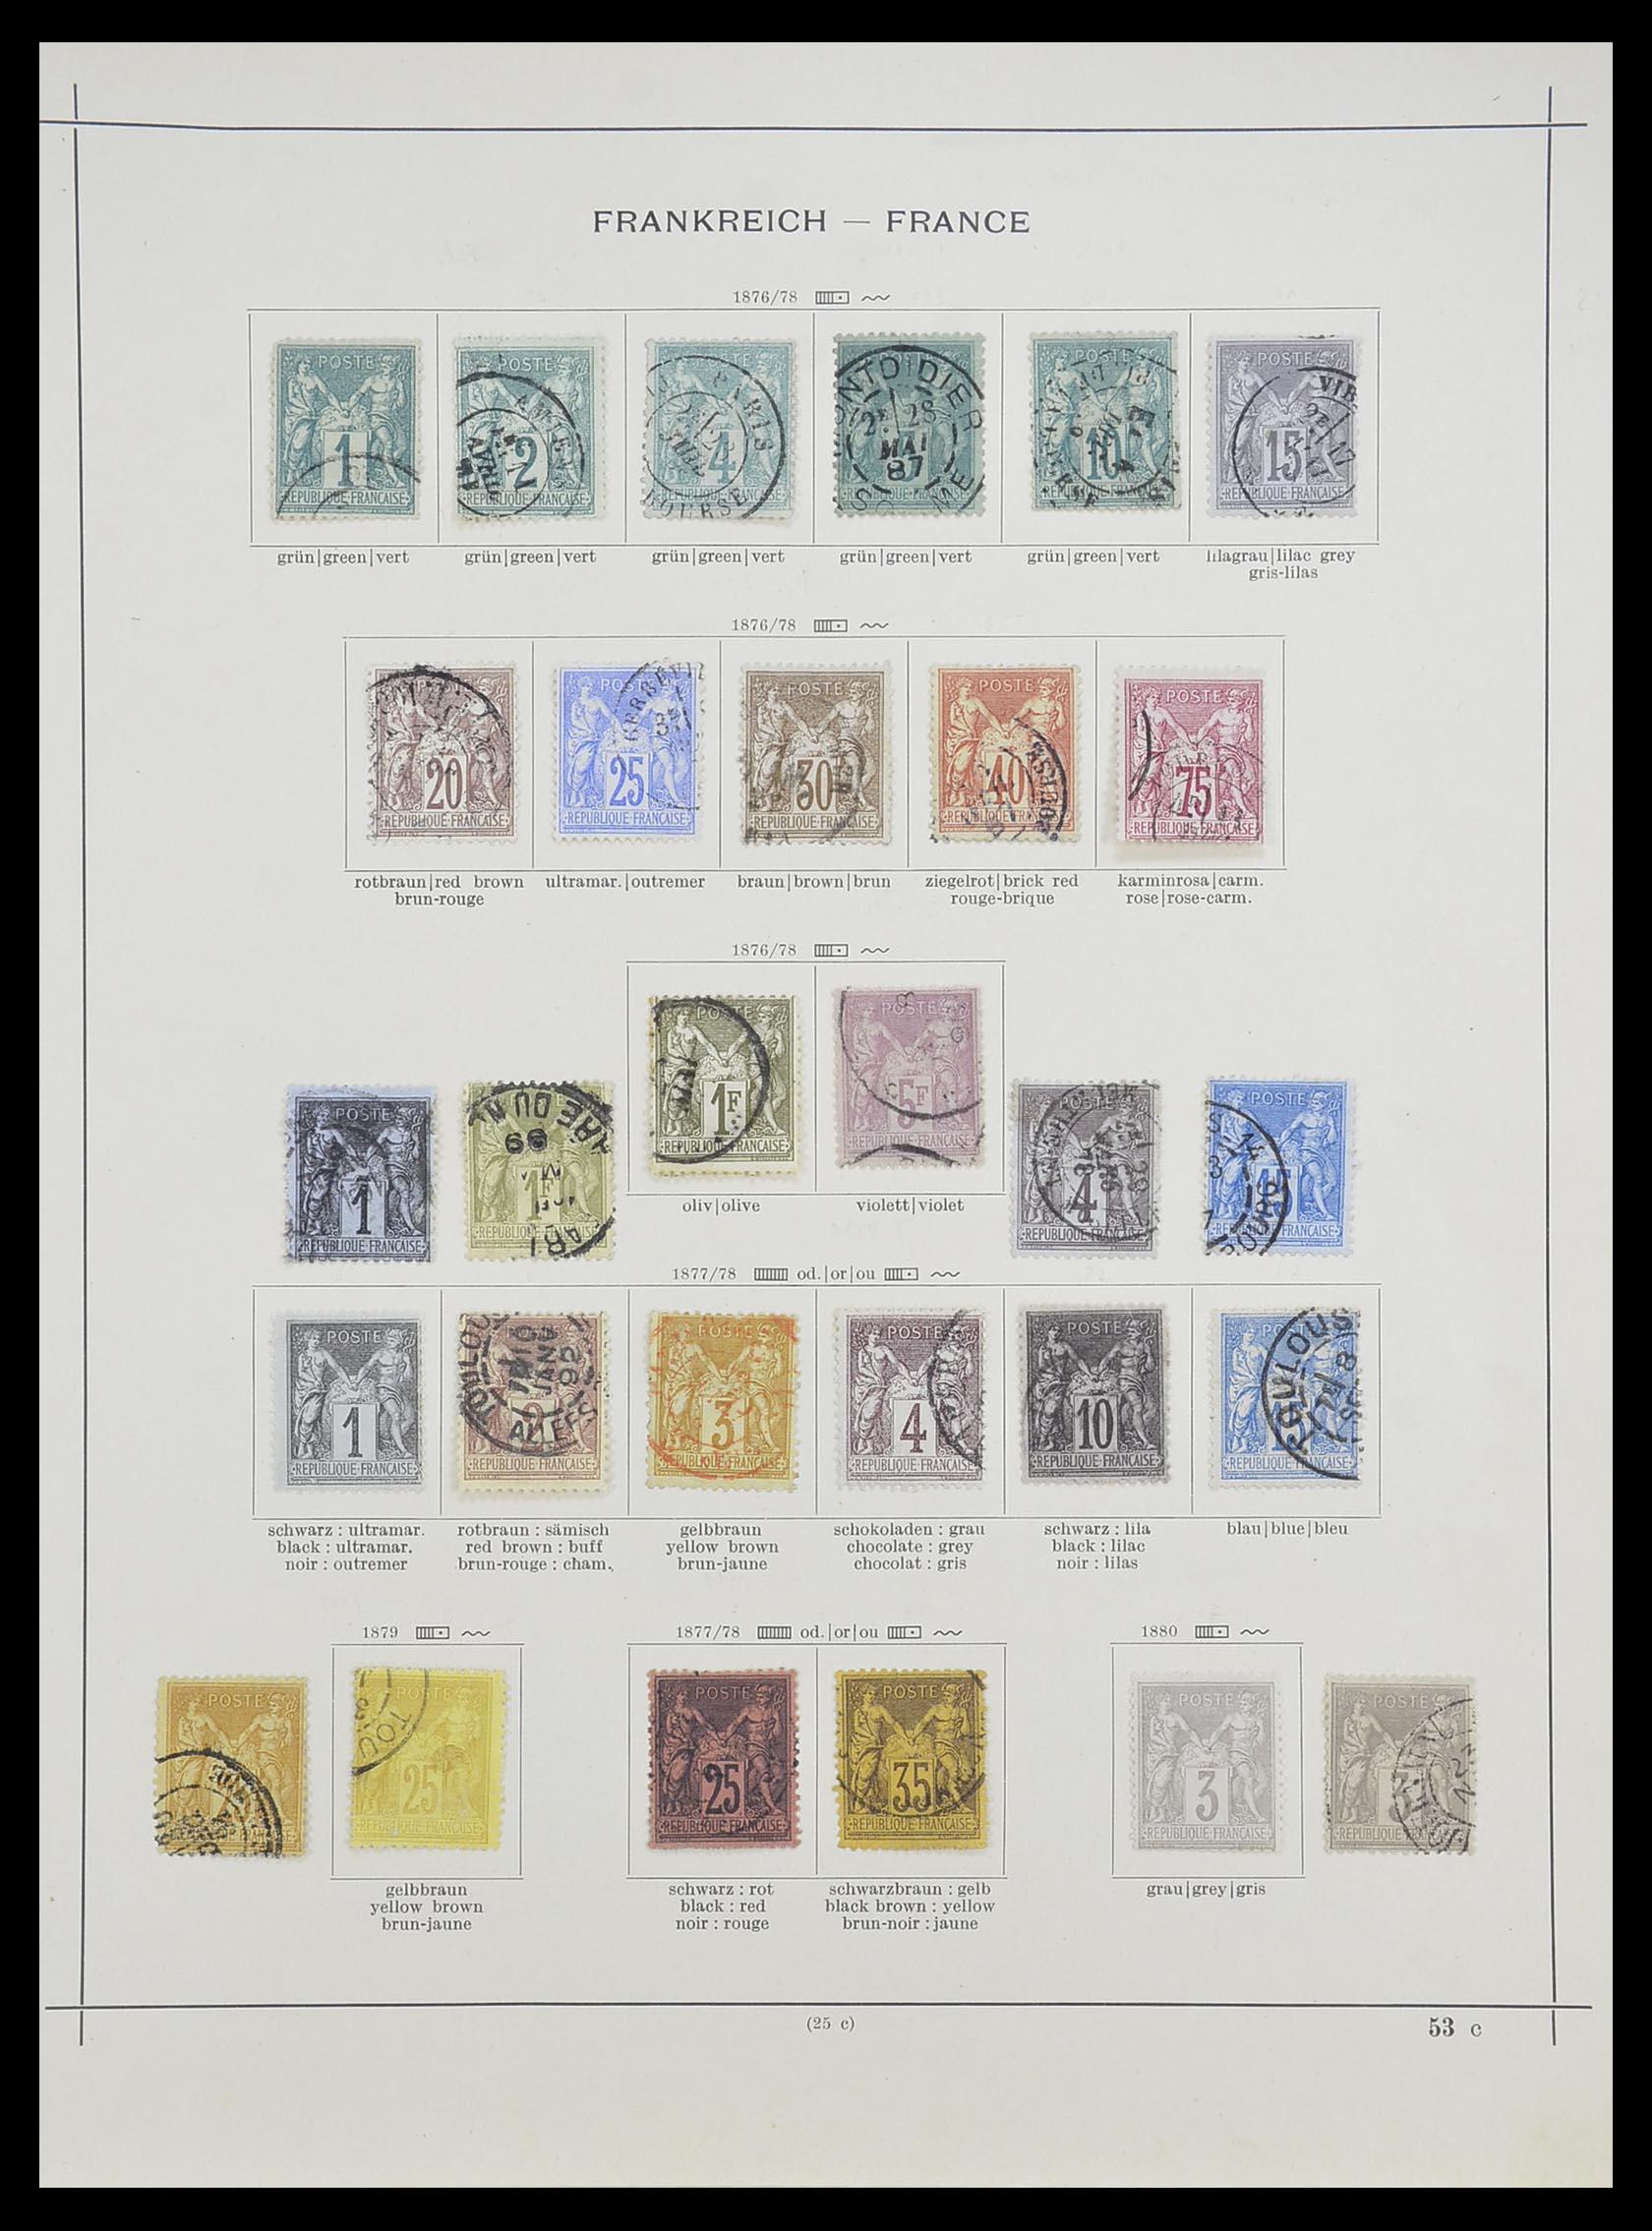 33919 004 - Postzegelverzameling 33919 Frankrijk 1849-1946.